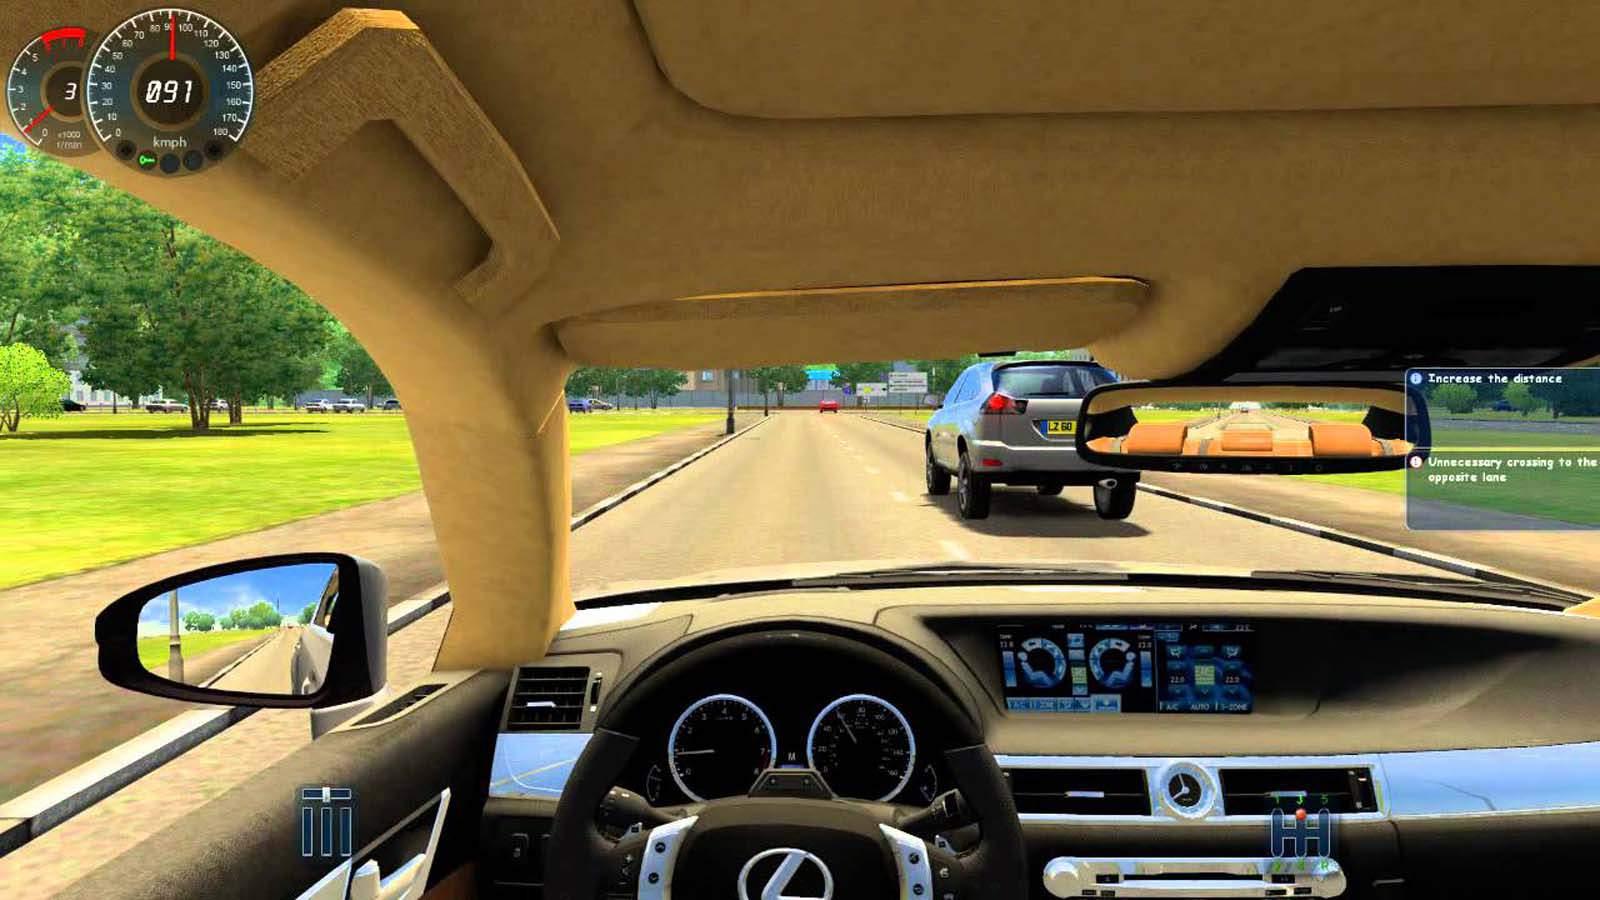 تحميل لعبة City Car Driving مضغوطة برابط واحد مباشر كاملة مجانا